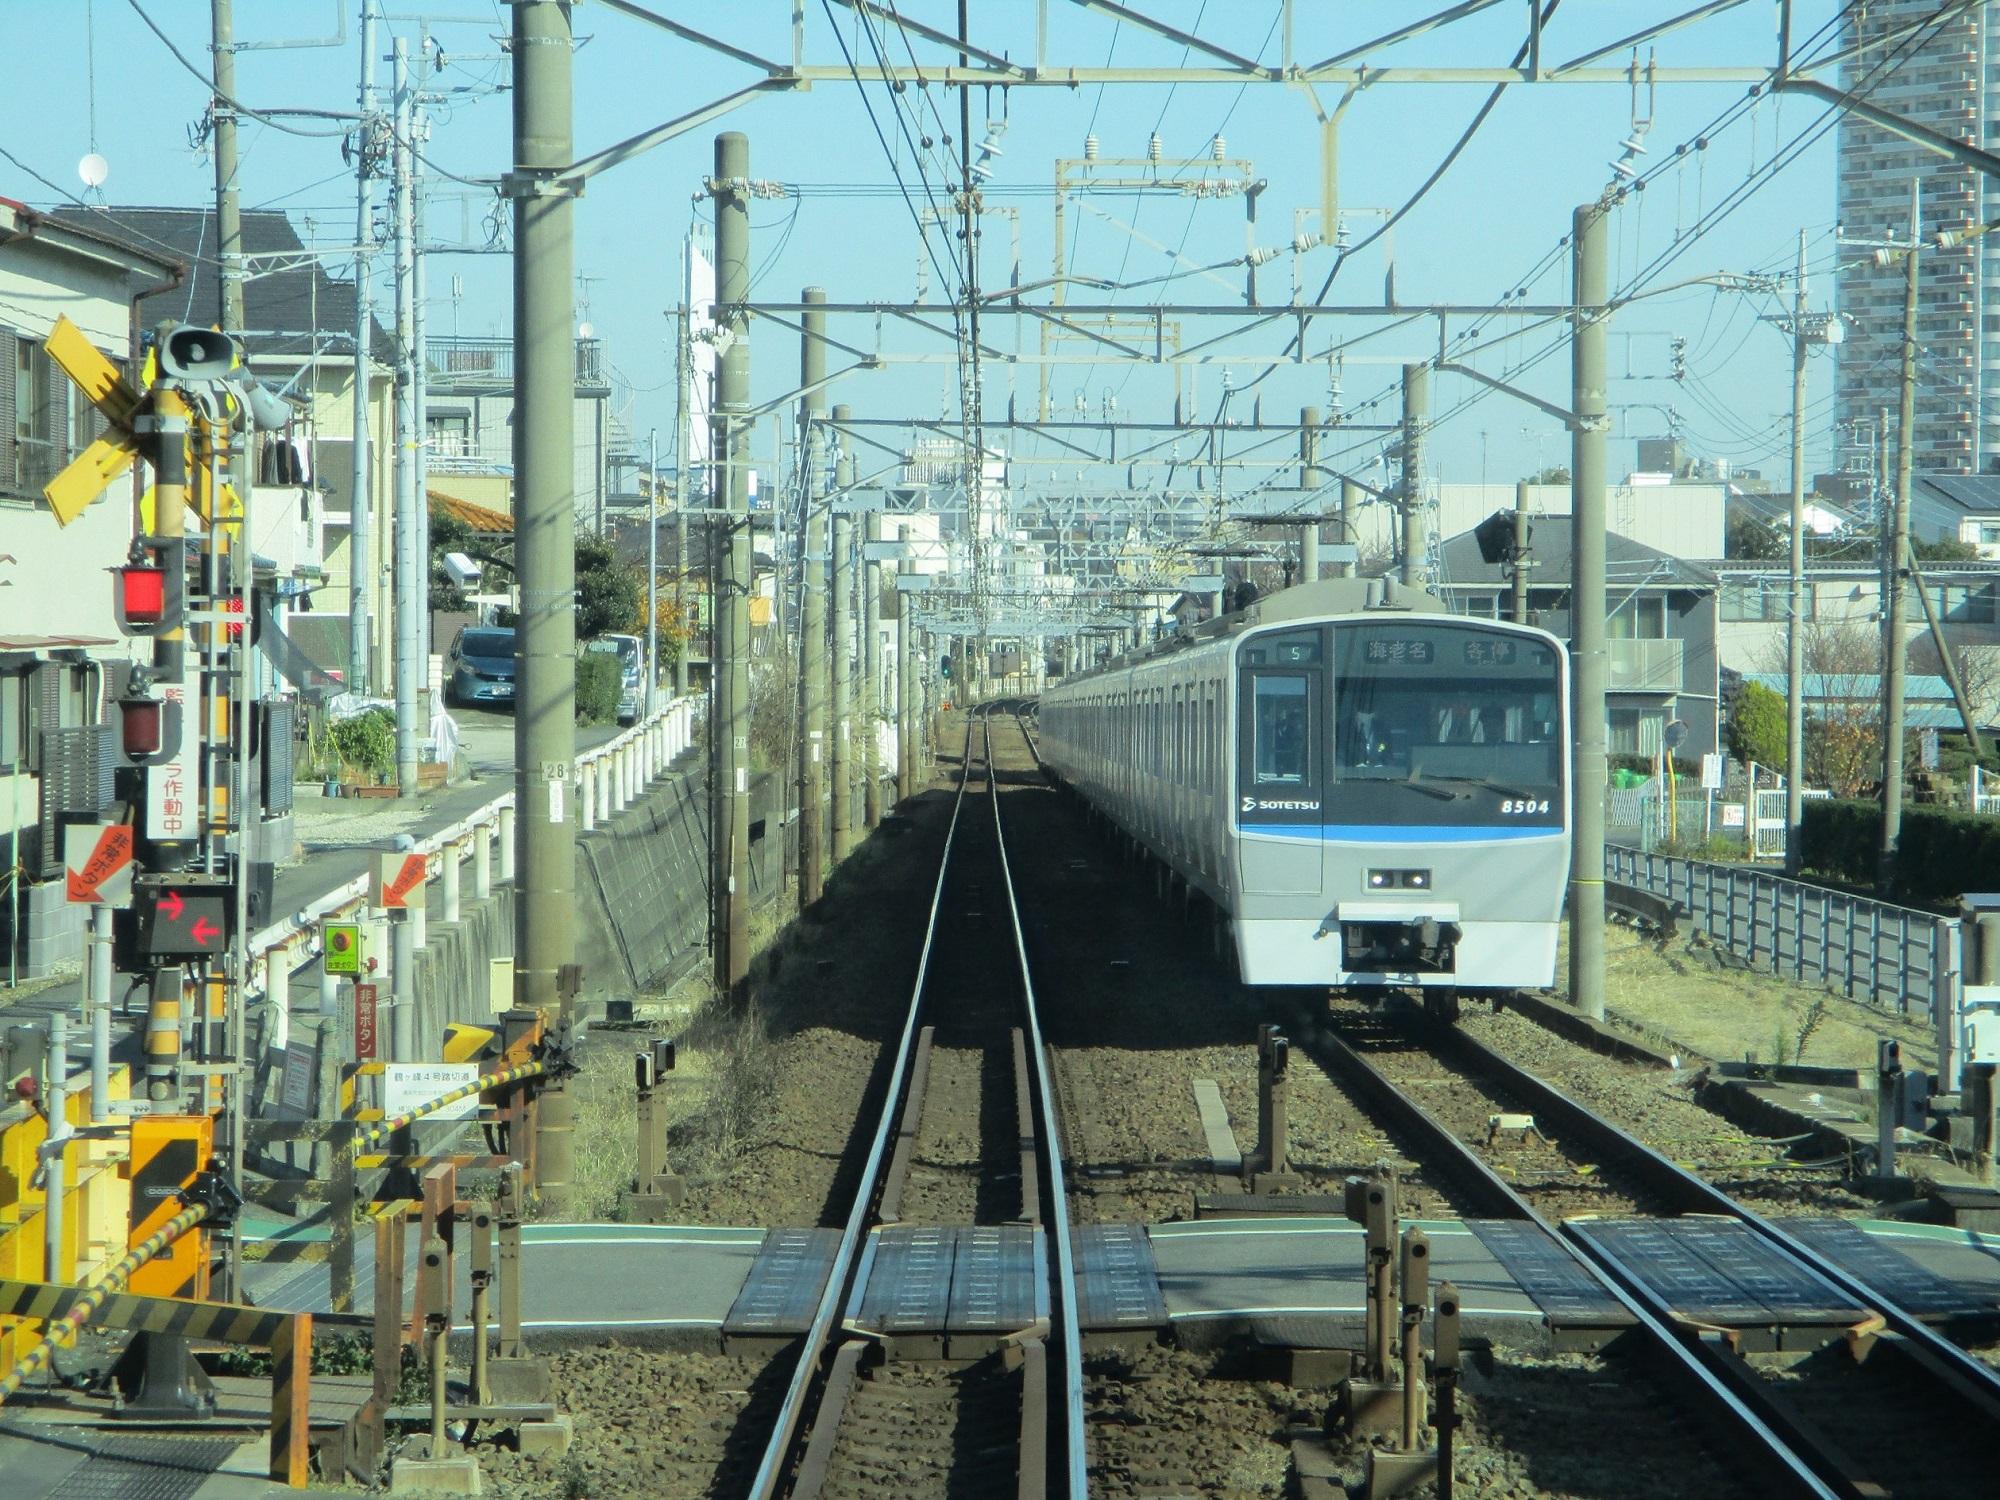 2019.12.16 (96) 新宿いき各停 - 二俣川鶴ヶ峰間 2000-1500